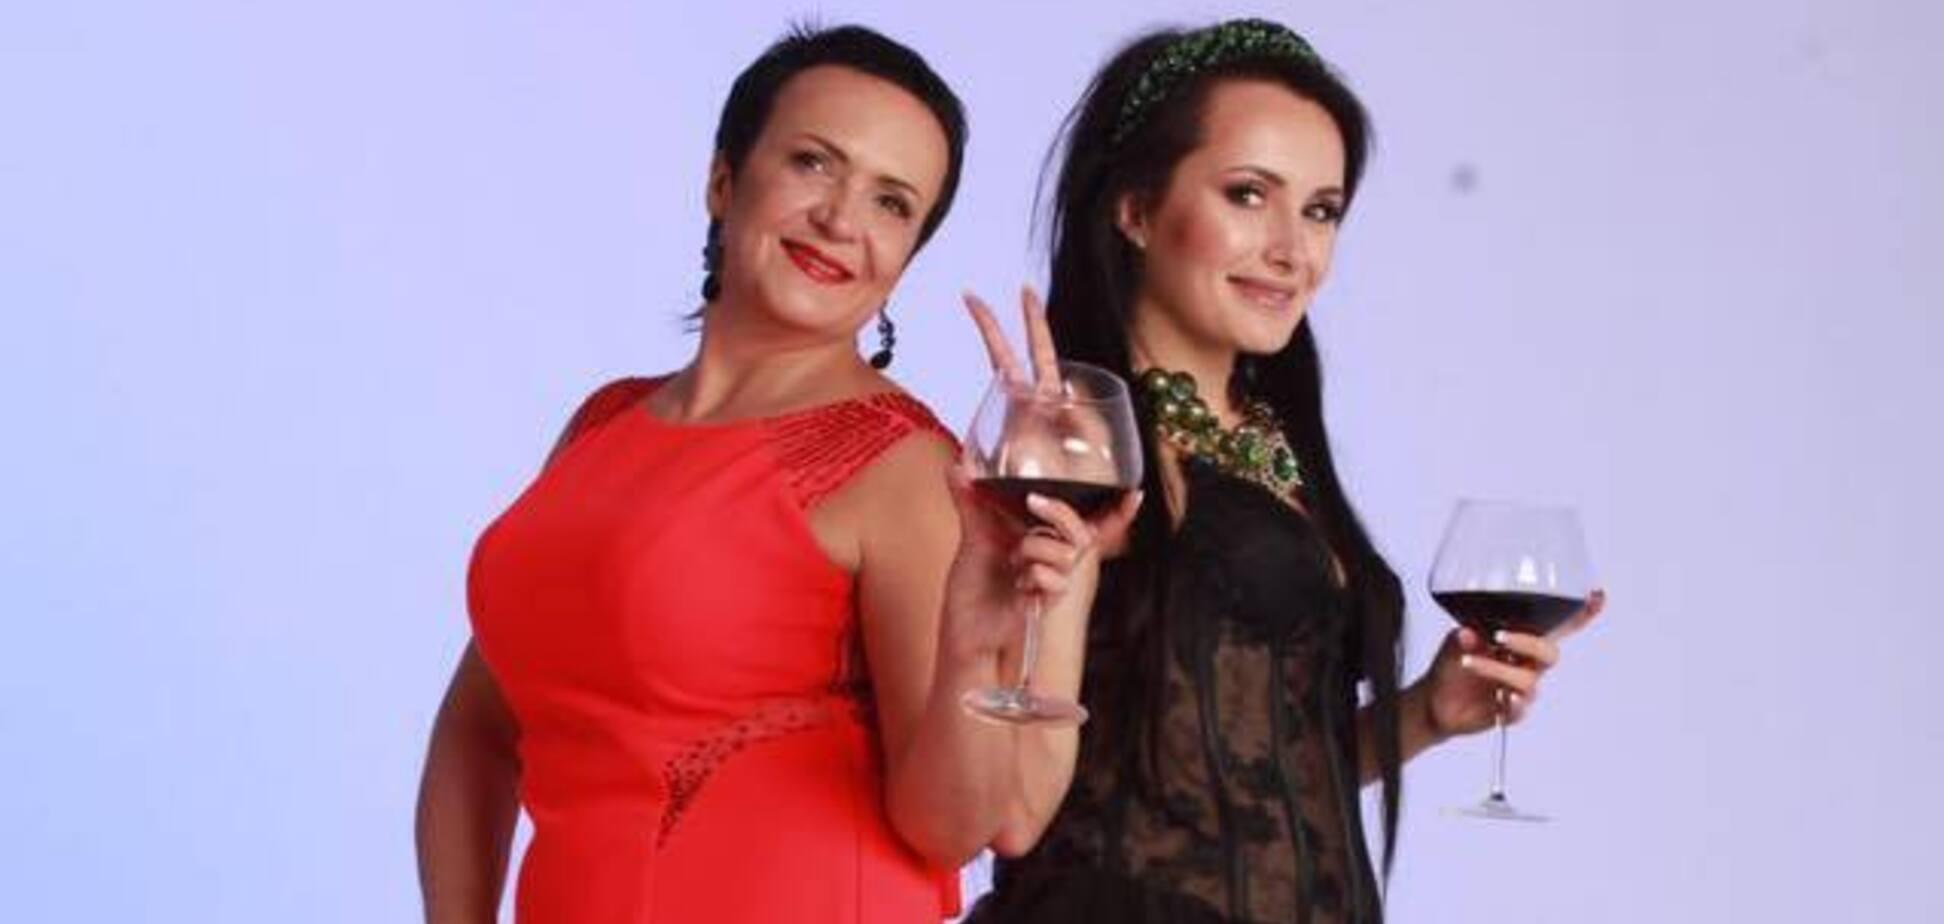 Надія Головач з донькою Юлією